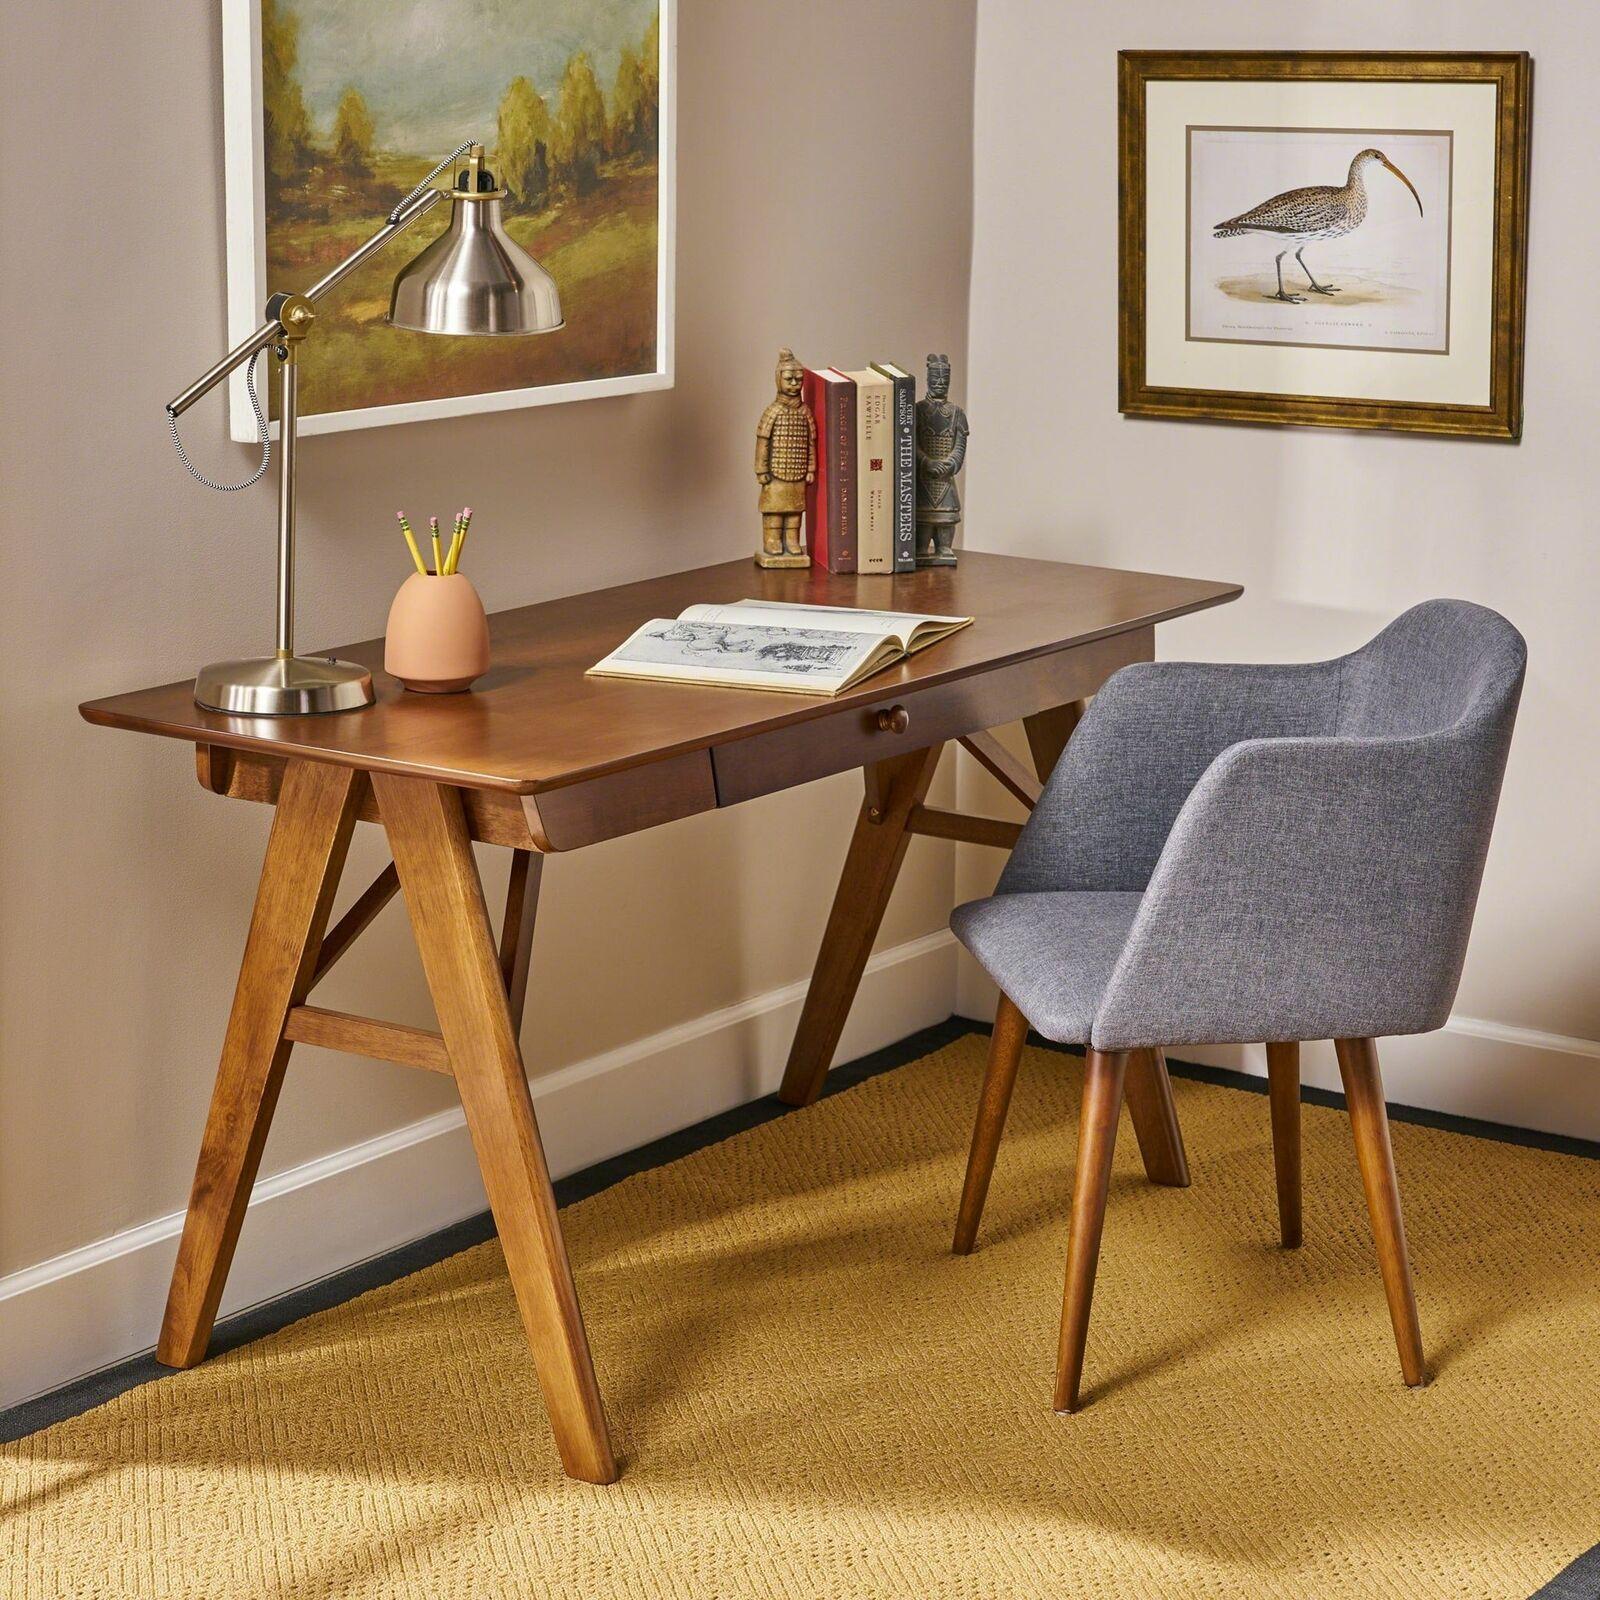 Wood Desk For Sale Online Ebay